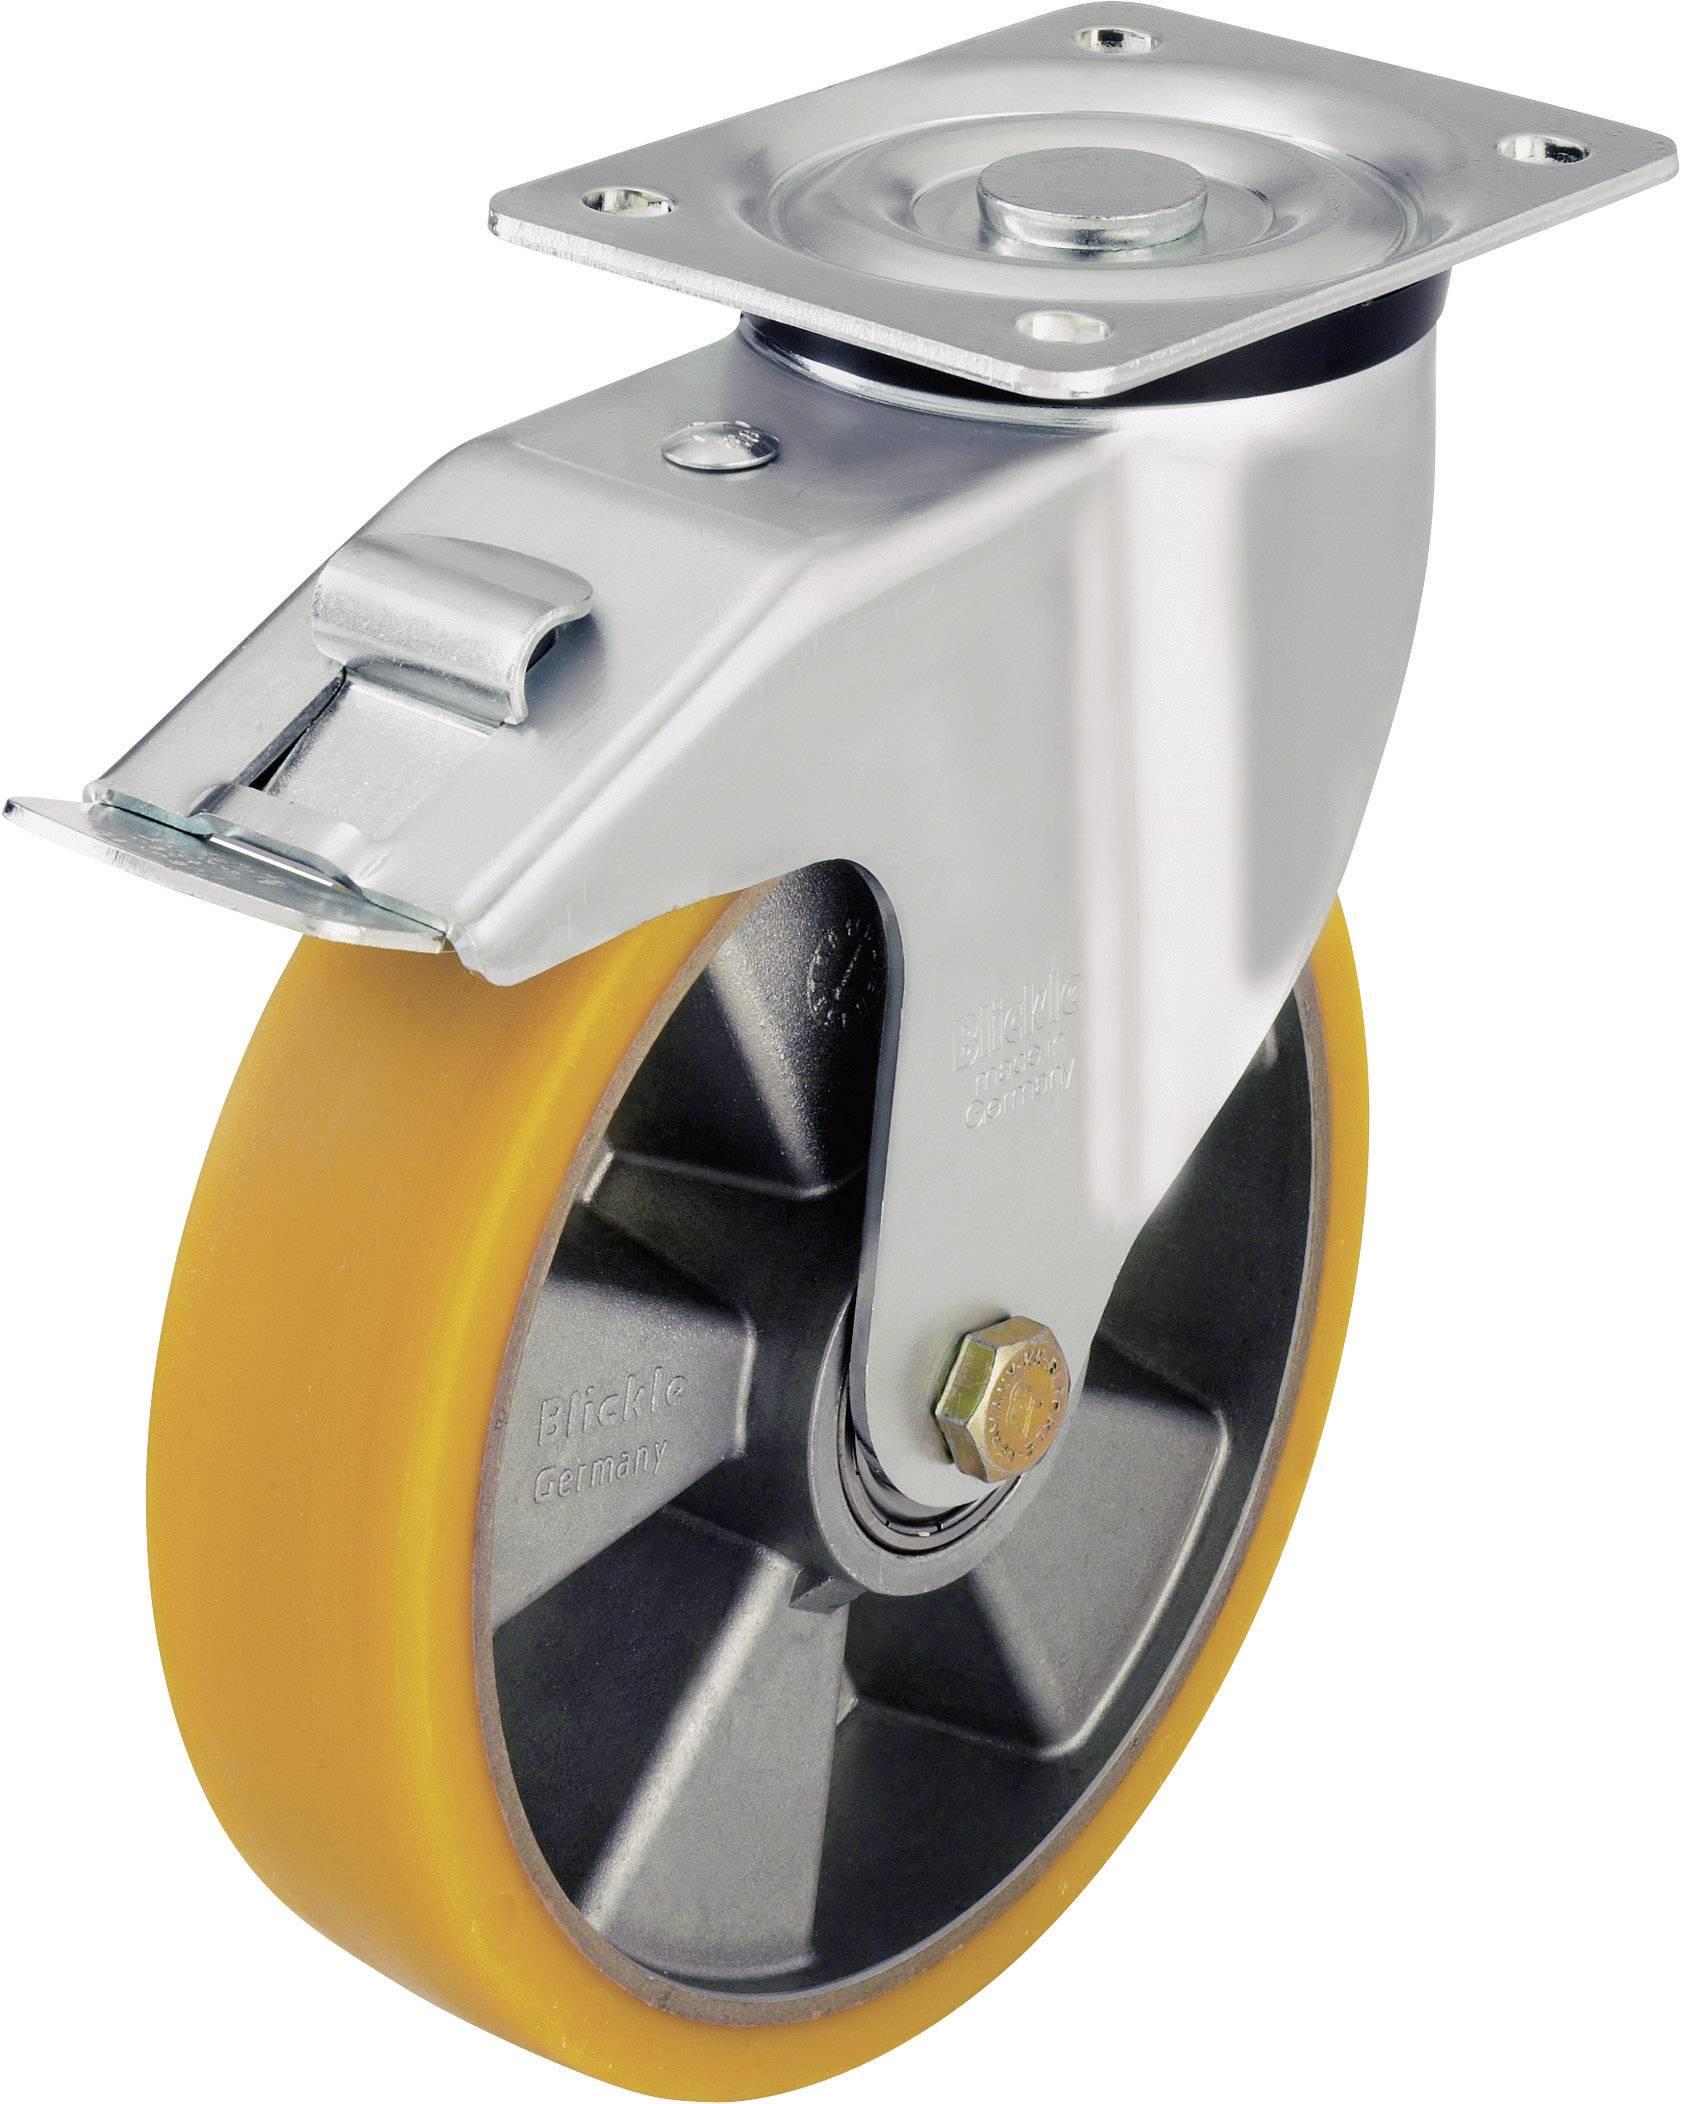 Otočné kolečko s konstrukční deskou a brzdou, Ø 125 mm, Blickle LK-ALTH 125K-1-FI